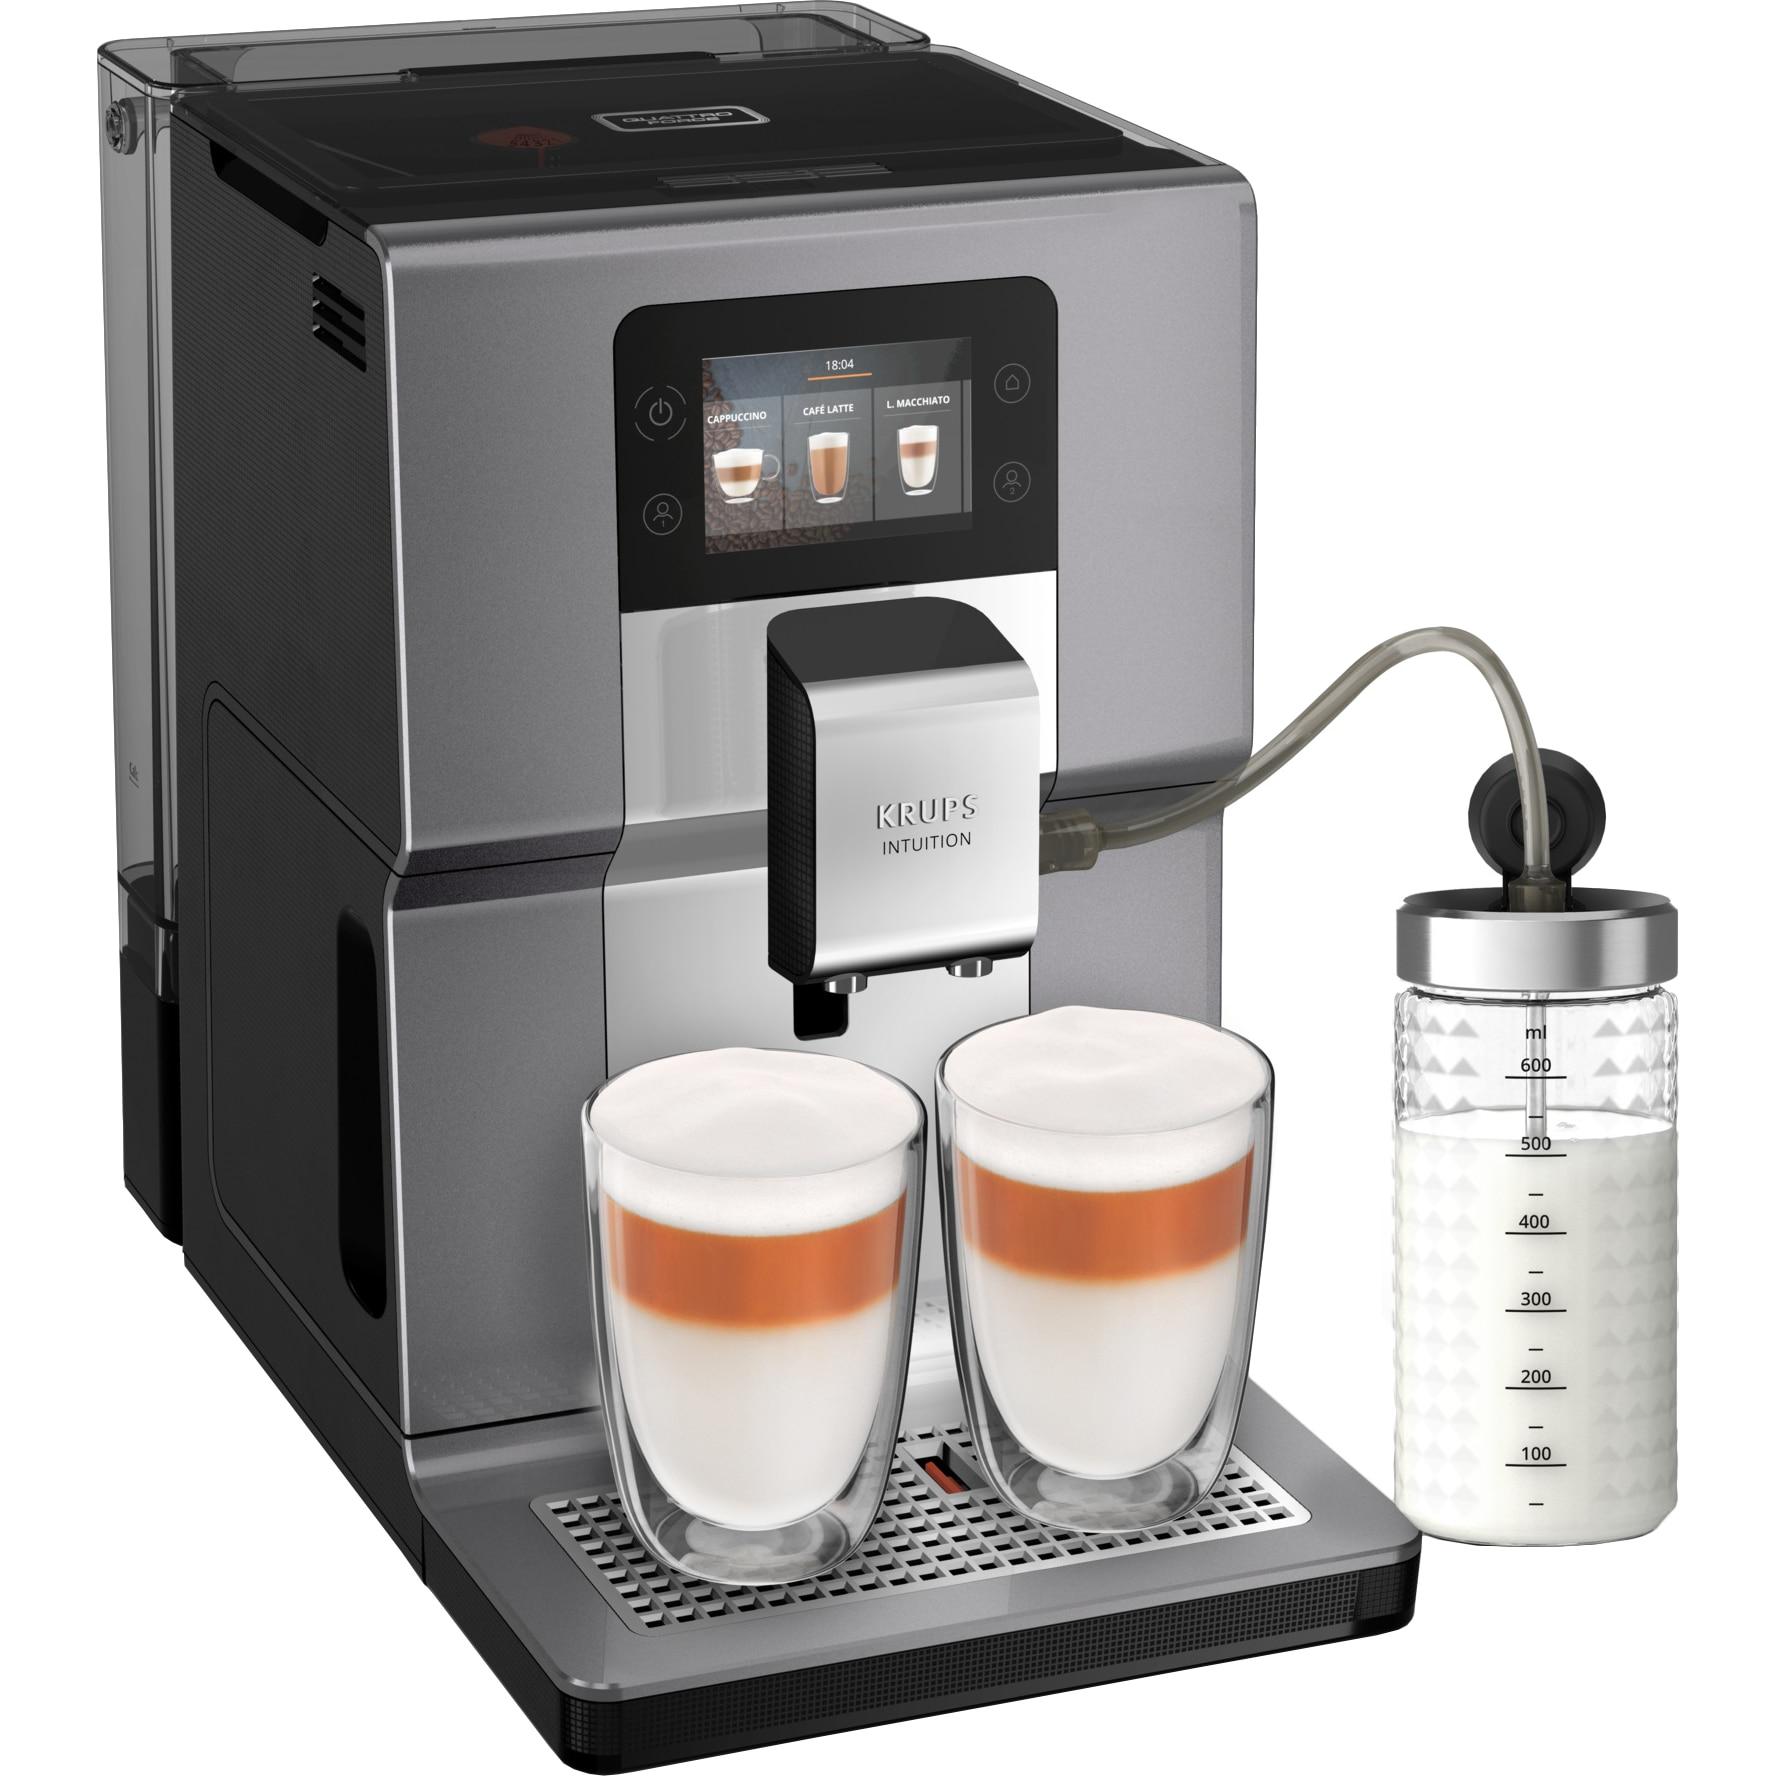 Fotografie Espressor automat Krups Intuition Preference+ EA875E10, Accesoriu pentru spumarea laptelui, 15 bauturi, Ecran tactil, Tehnologie Quattro Force, Retete favorite, 1450W, Argintiu